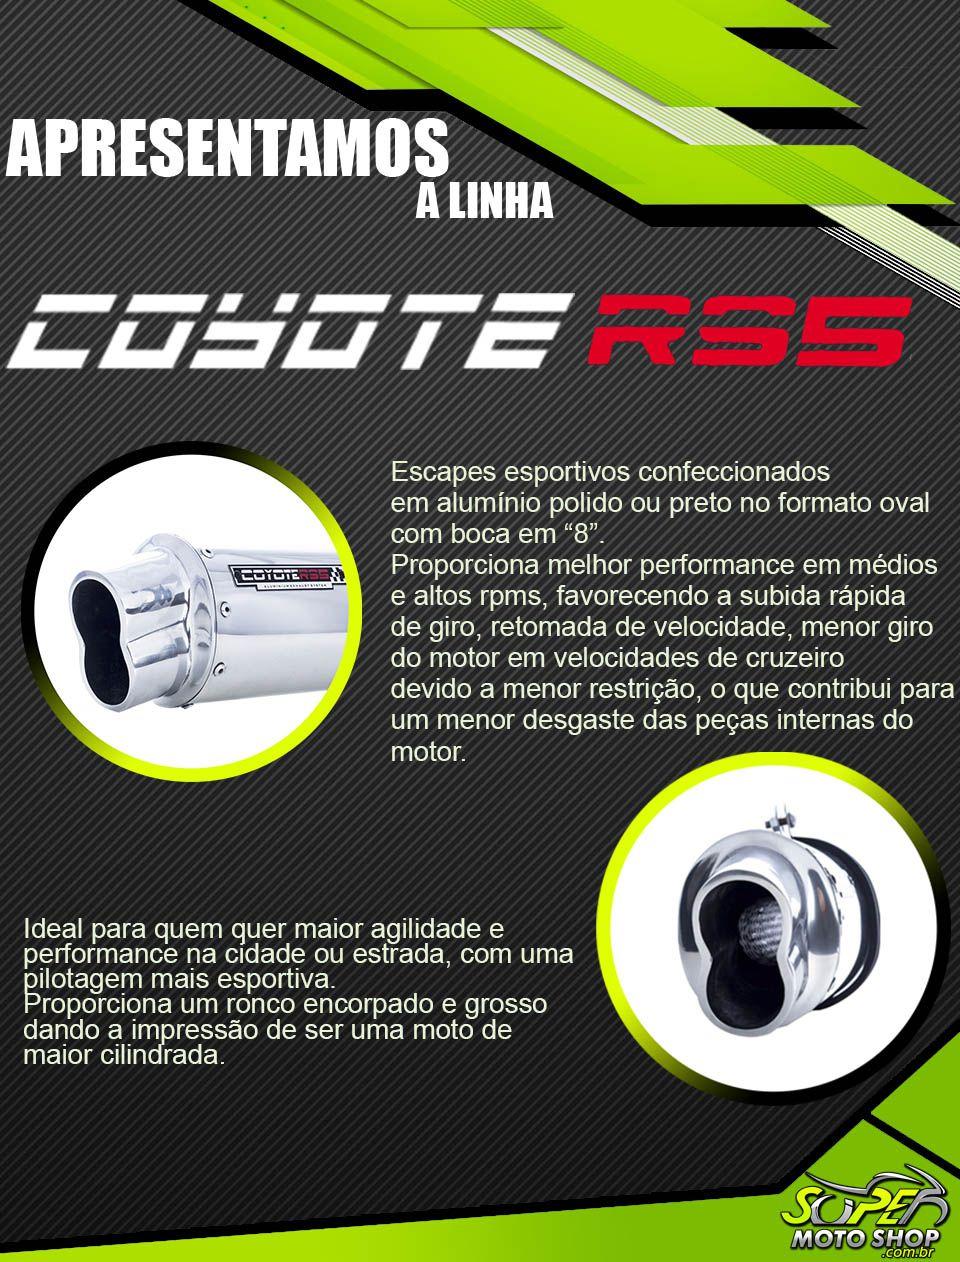 Escape / Ponteira Coyote RS5 Boca 8 Alumínio Oval - GSR 150 i - Suzuki - Dourado